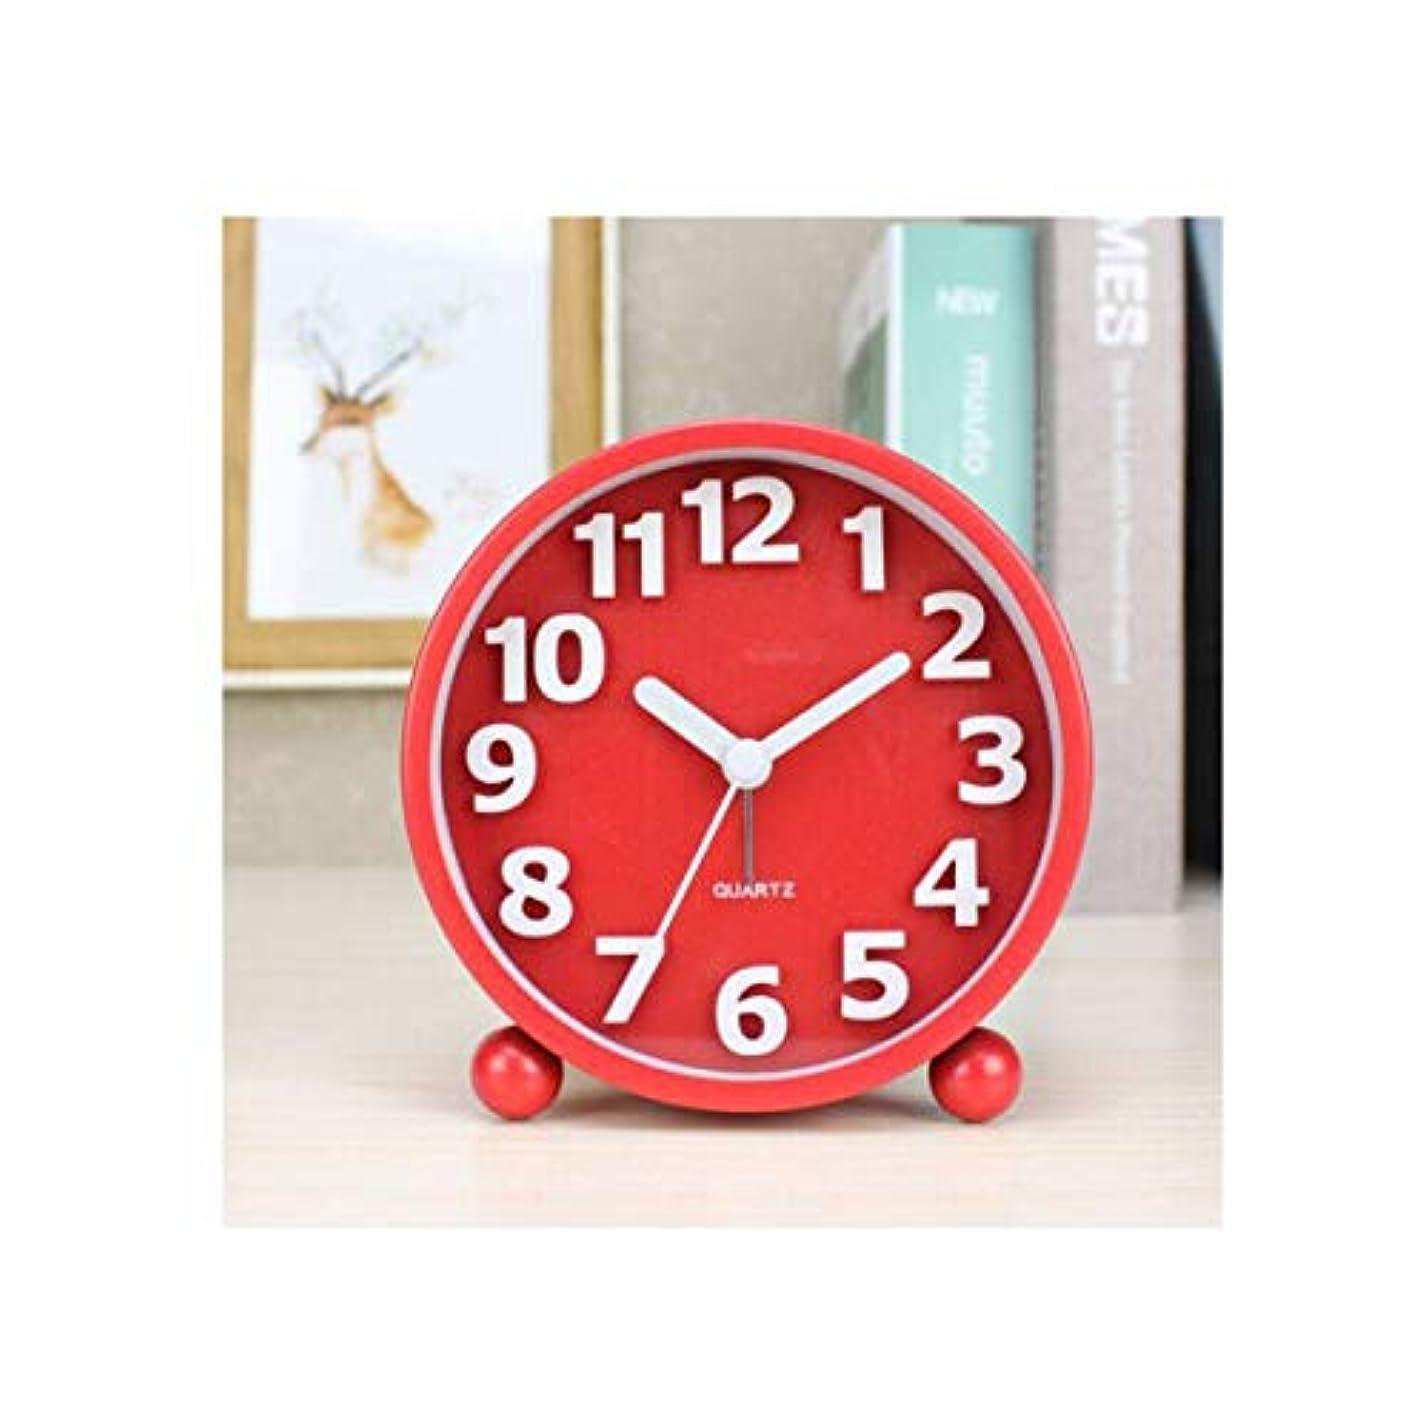 剥離打撃賛美歌Kaiyitong001 目覚まし時計、シンプルでモダンなデジタル目覚まし時計、学生クリエイティブベッドサイド時計、電子アラームレッドミュート (Color : Red)